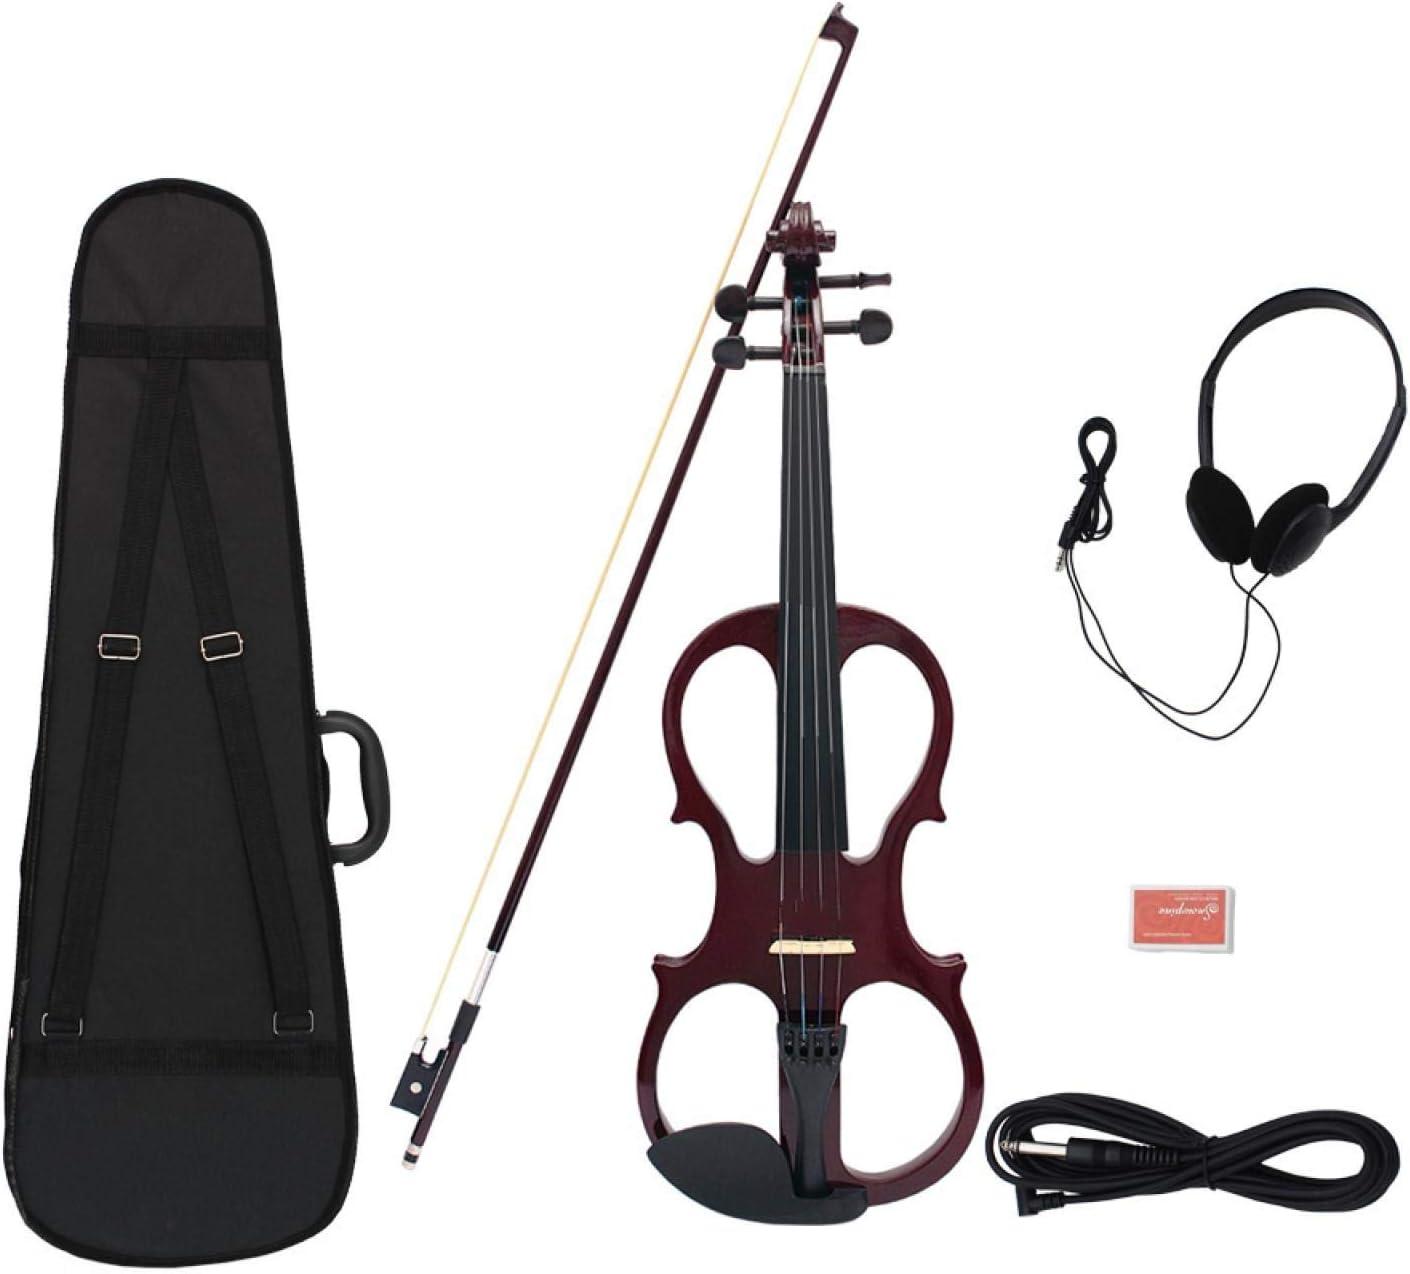 KEPOHK Violín eléctrico de arce de madera 4/4, instrumento de cuerda con accesorios de ébano, funda para auriculares con cable para amantes de la música, principiantes, rojo vino